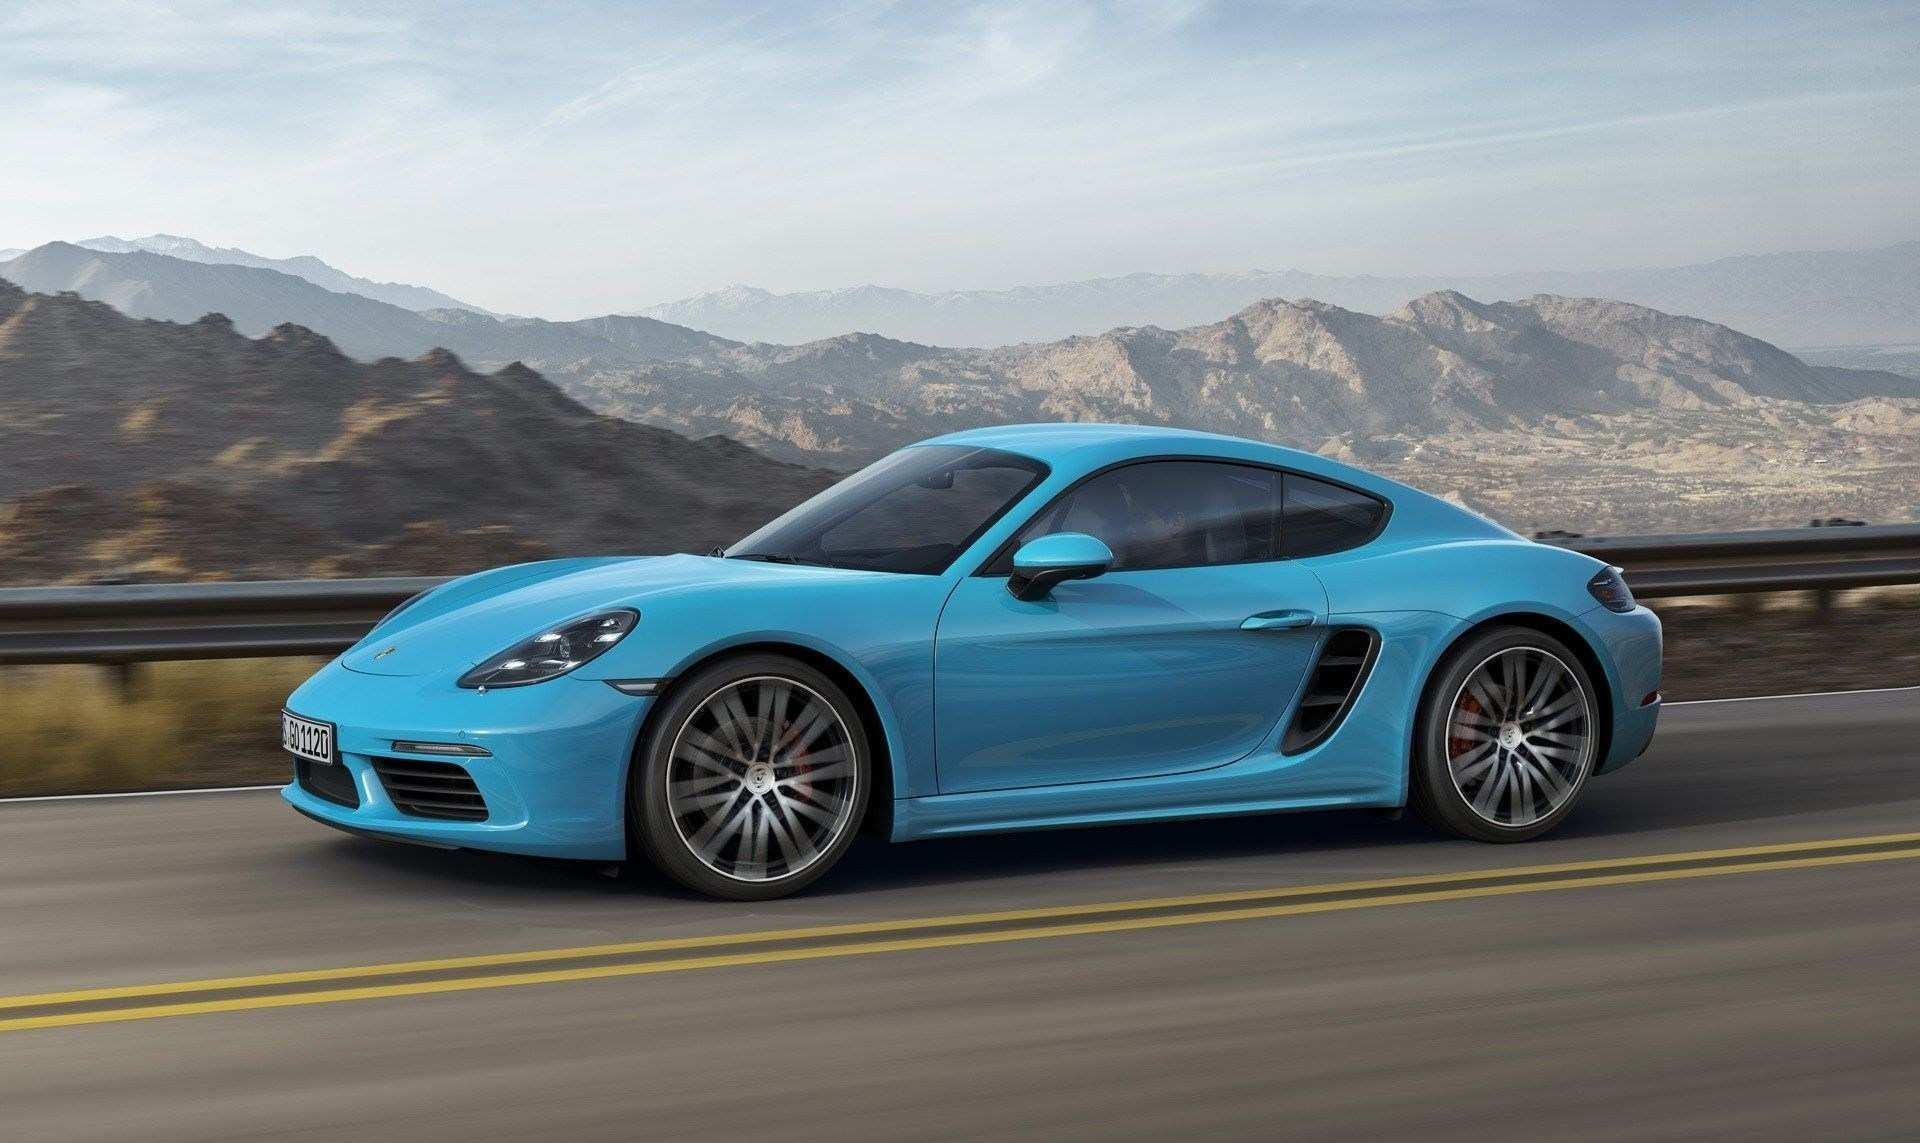 60 Best Review 2020 Porsche Boxster Configurations for 2020 Porsche Boxster